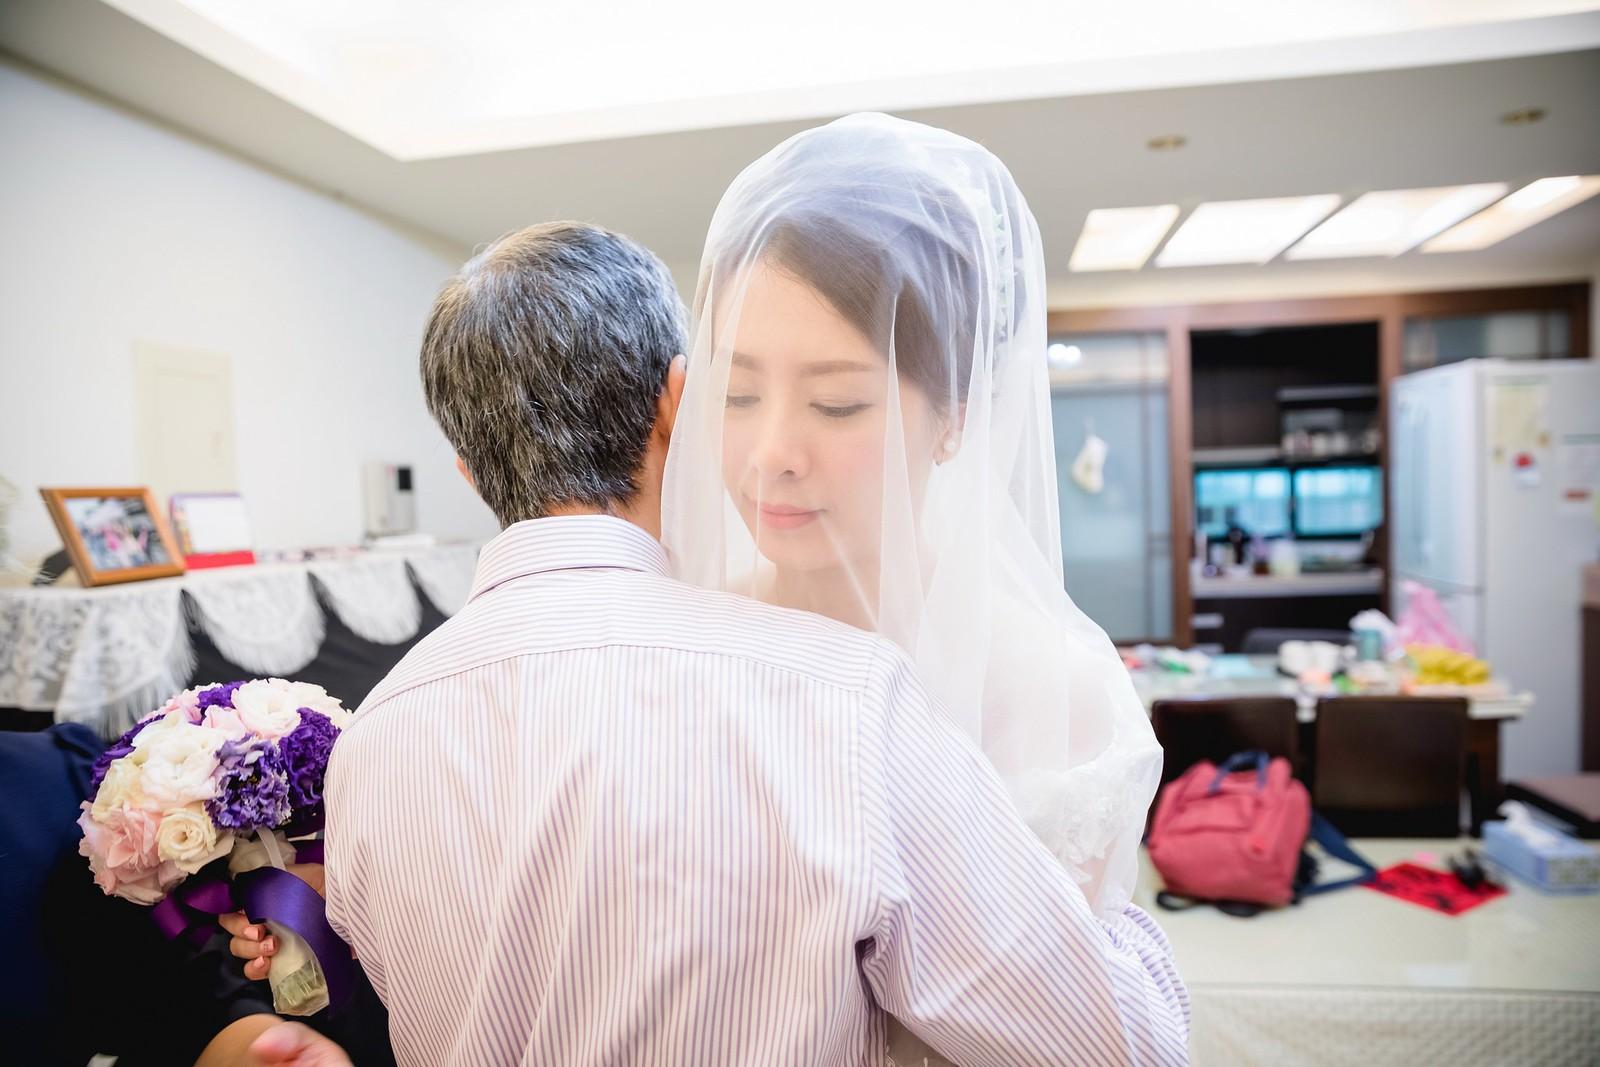 昱宏&千禾、婚禮_0230